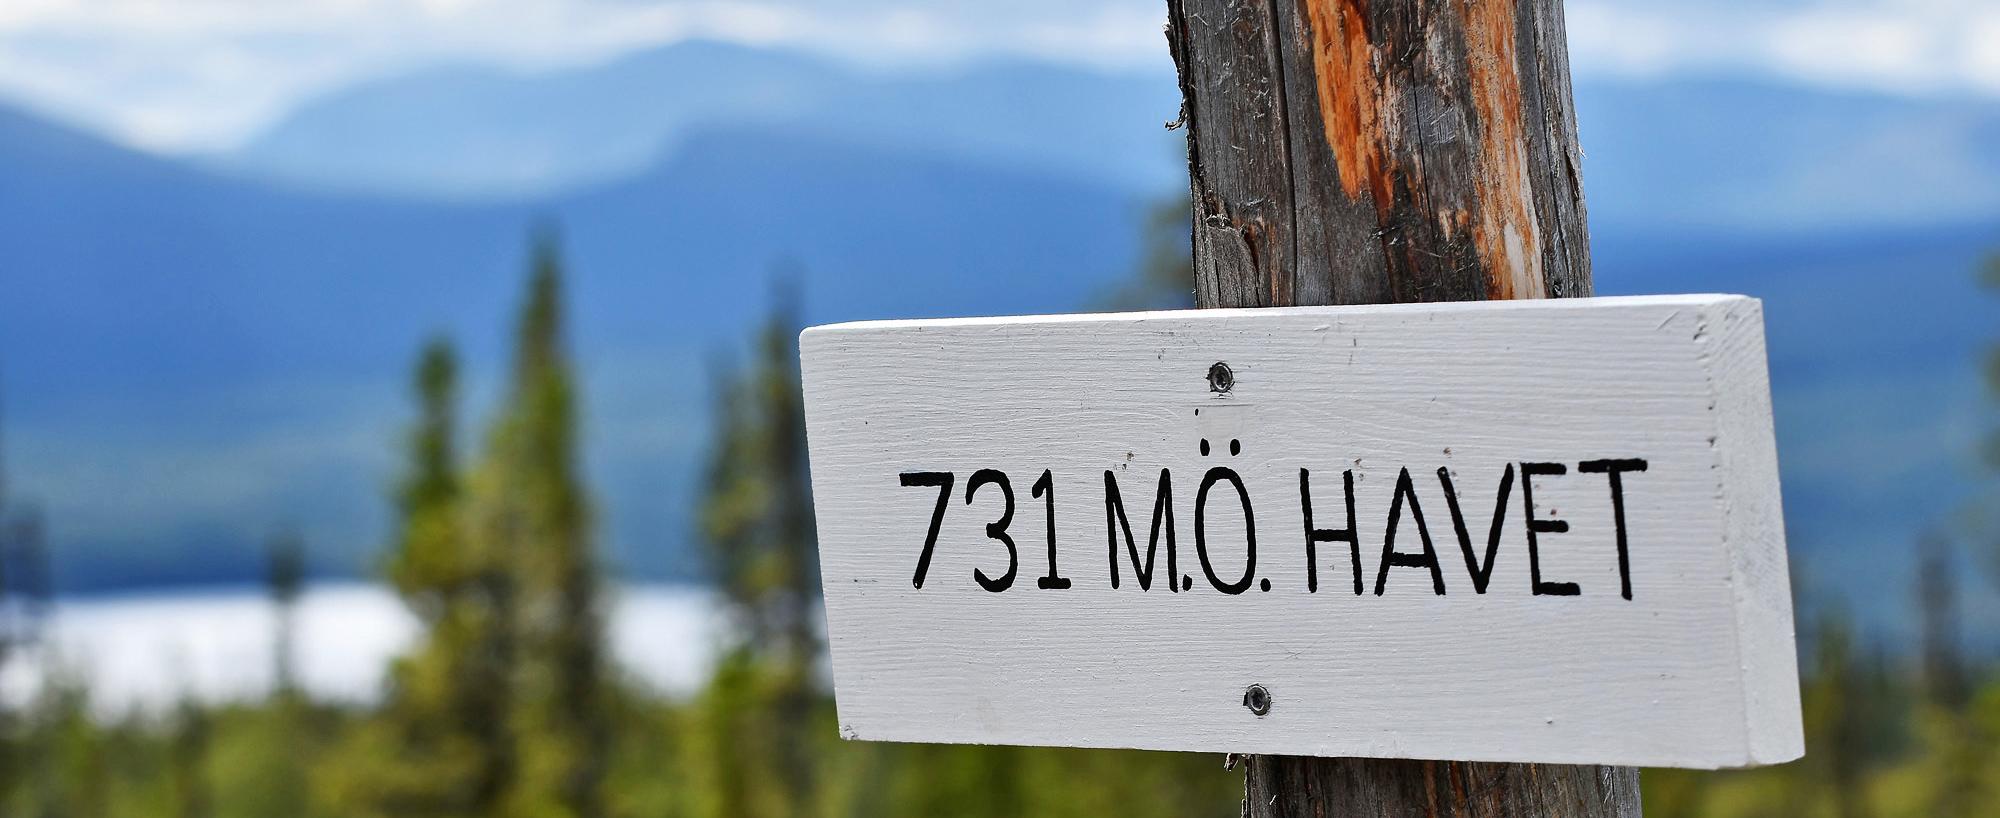 Utsiktstornet är Endast 731 M.ö.h. Men Utsikten är Magisk. Fjällupplevelser I Världsklass I Södra Årefjällen.